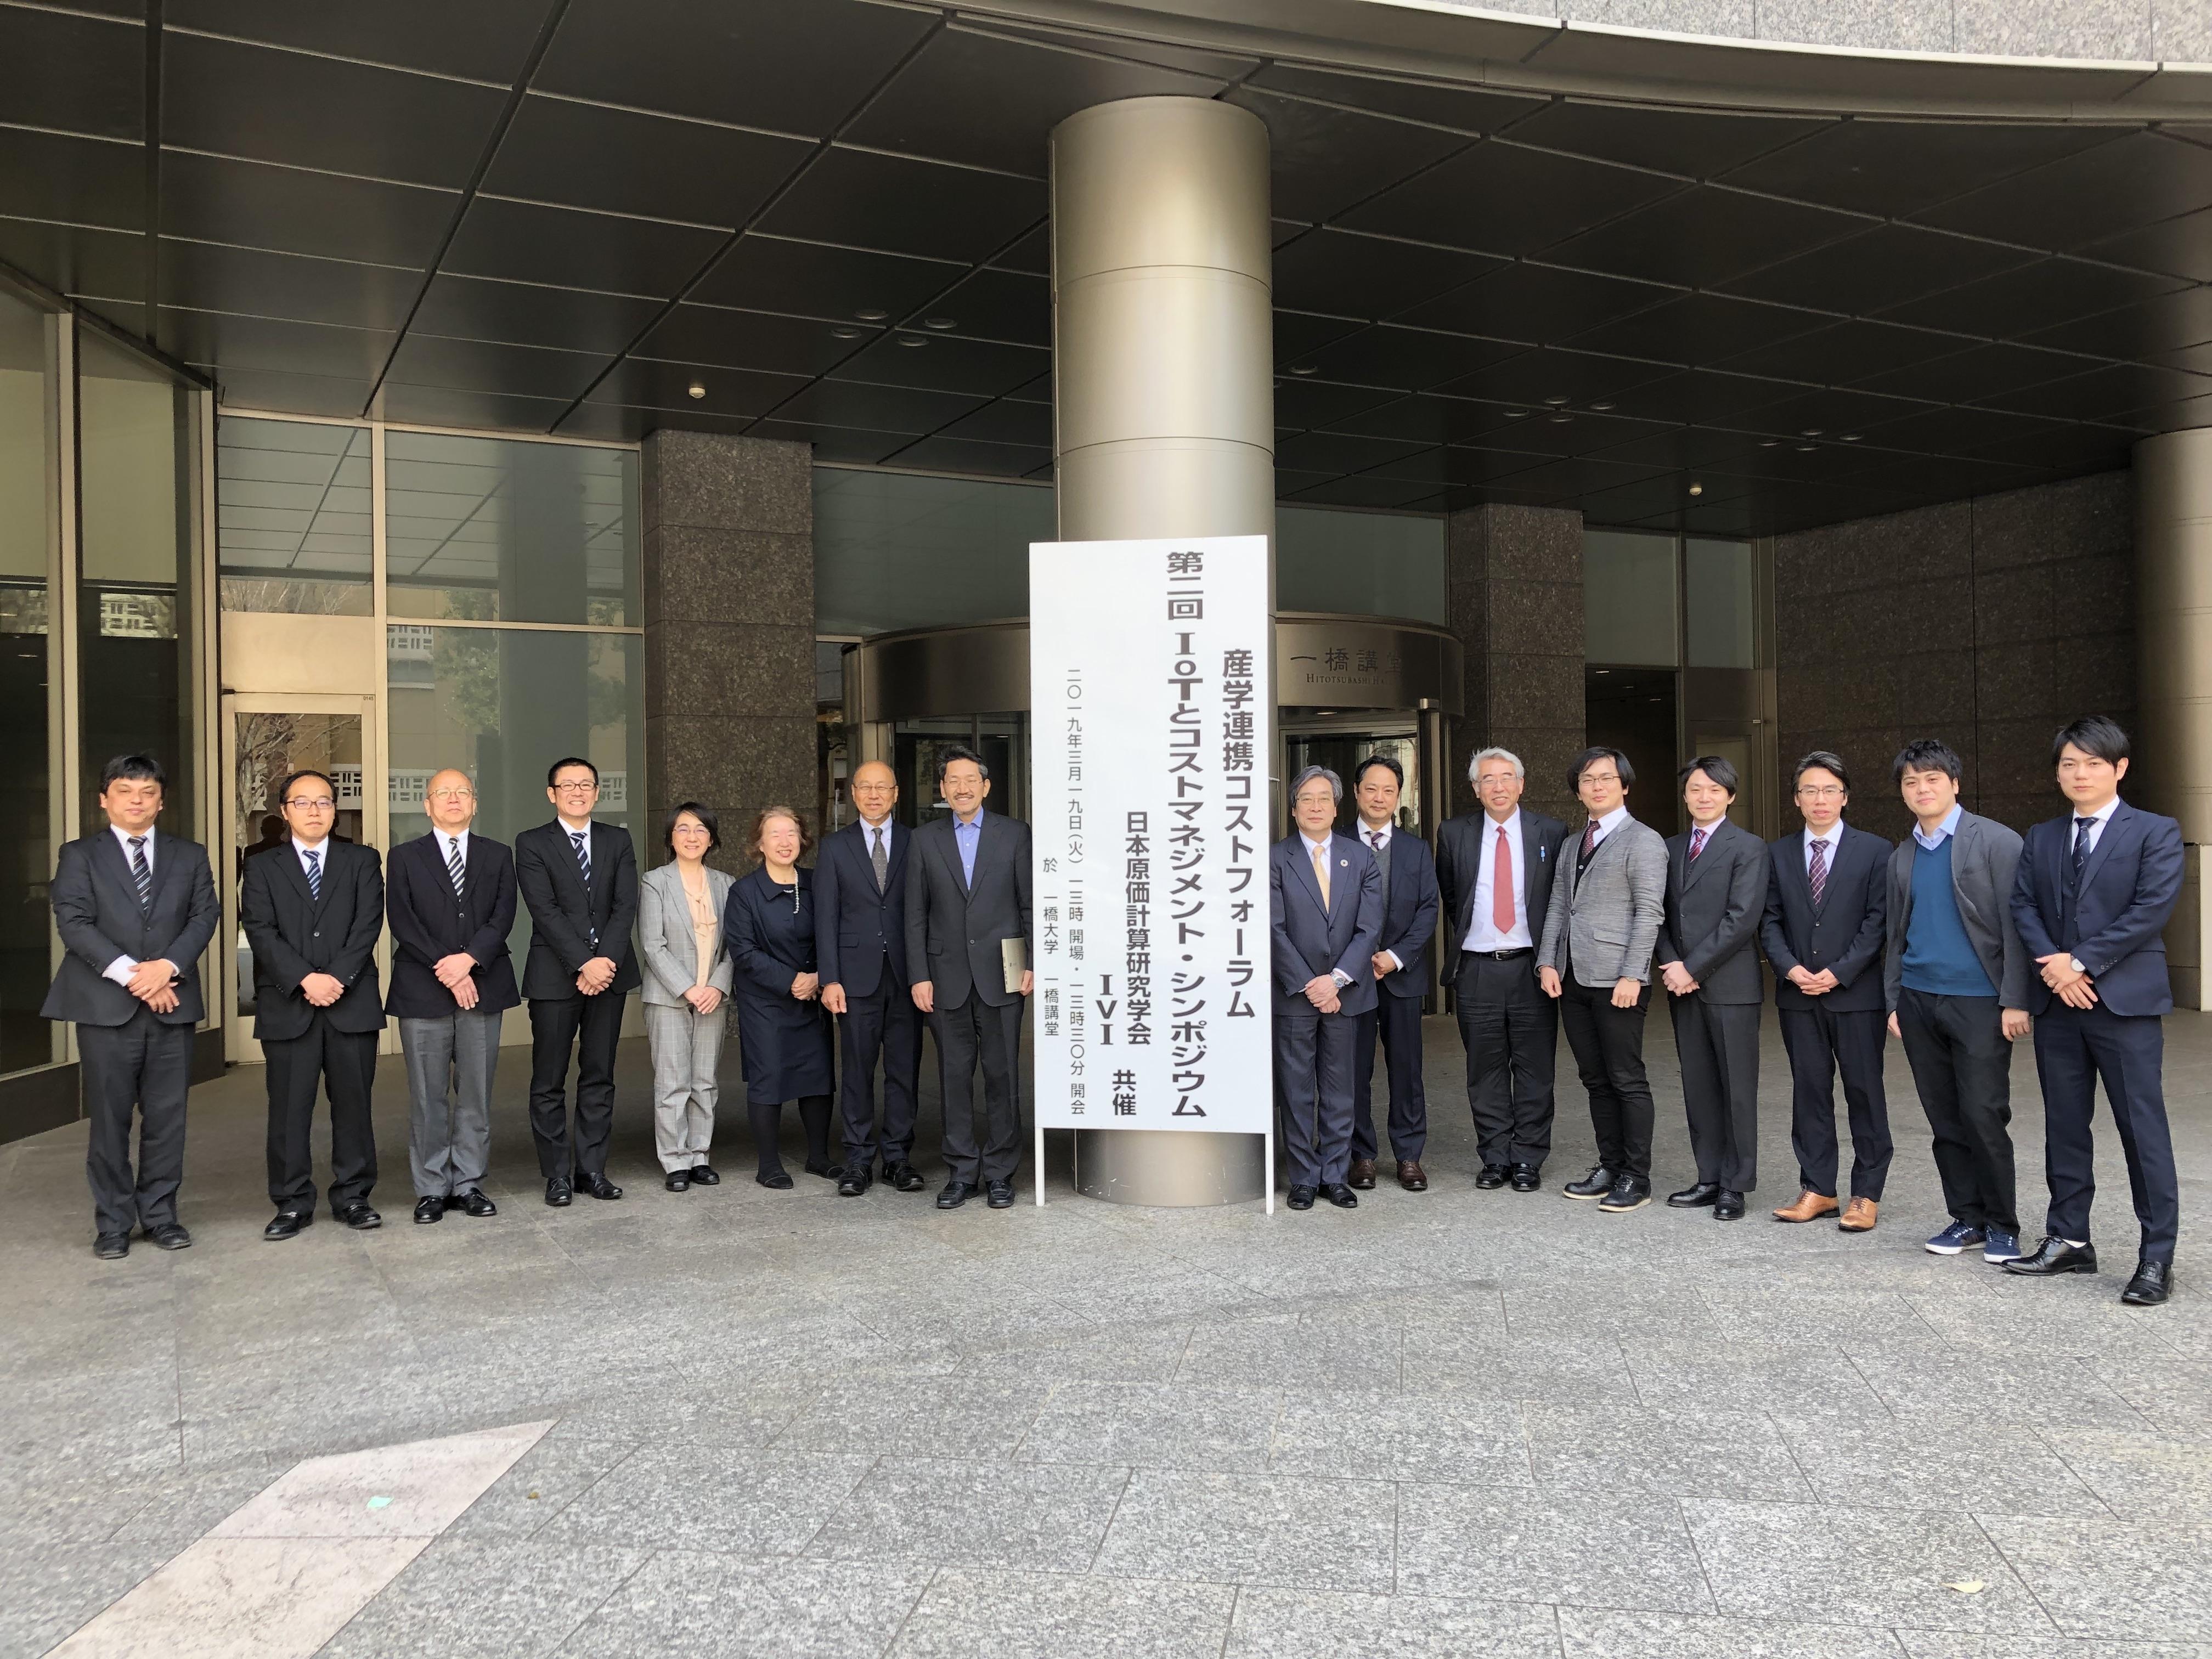 「日本原価計算研究学会・IVI共催・産学連携コストフォーラム-第2回IoTとコストマネジメント・シンポジウム-」に登壇しました。